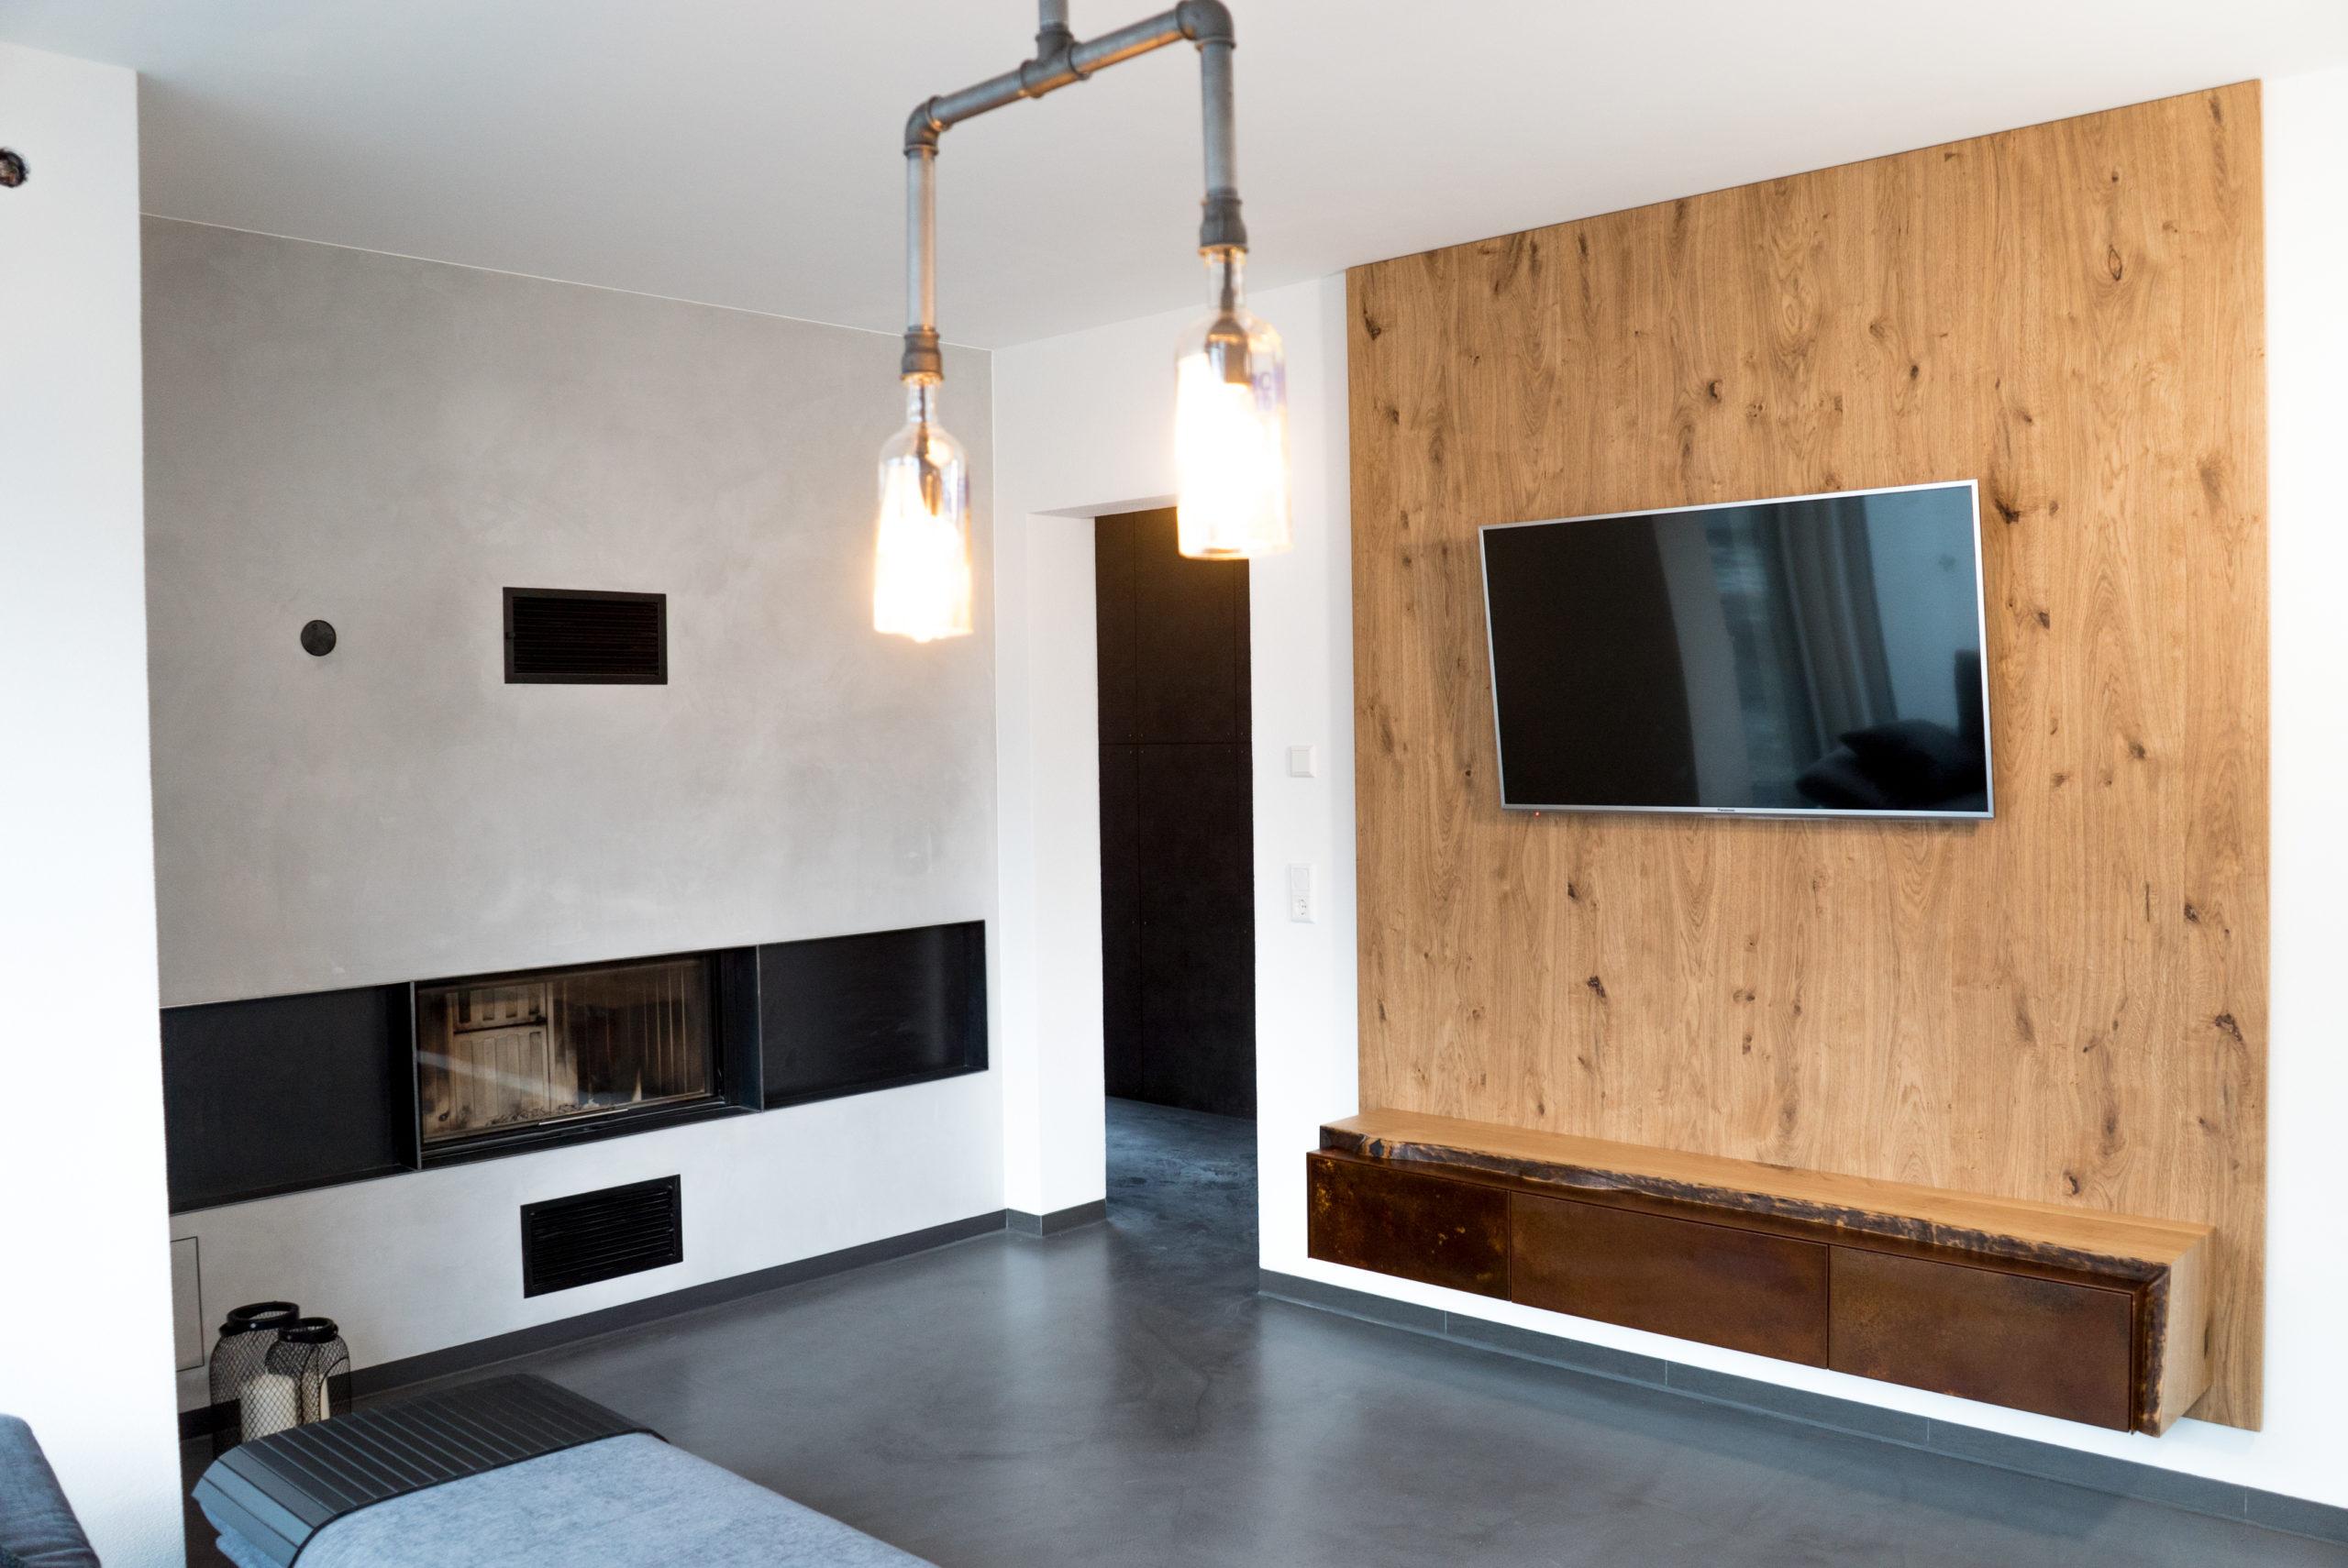 Wohnzimmer Möbel Friedrichshafen Bodensee